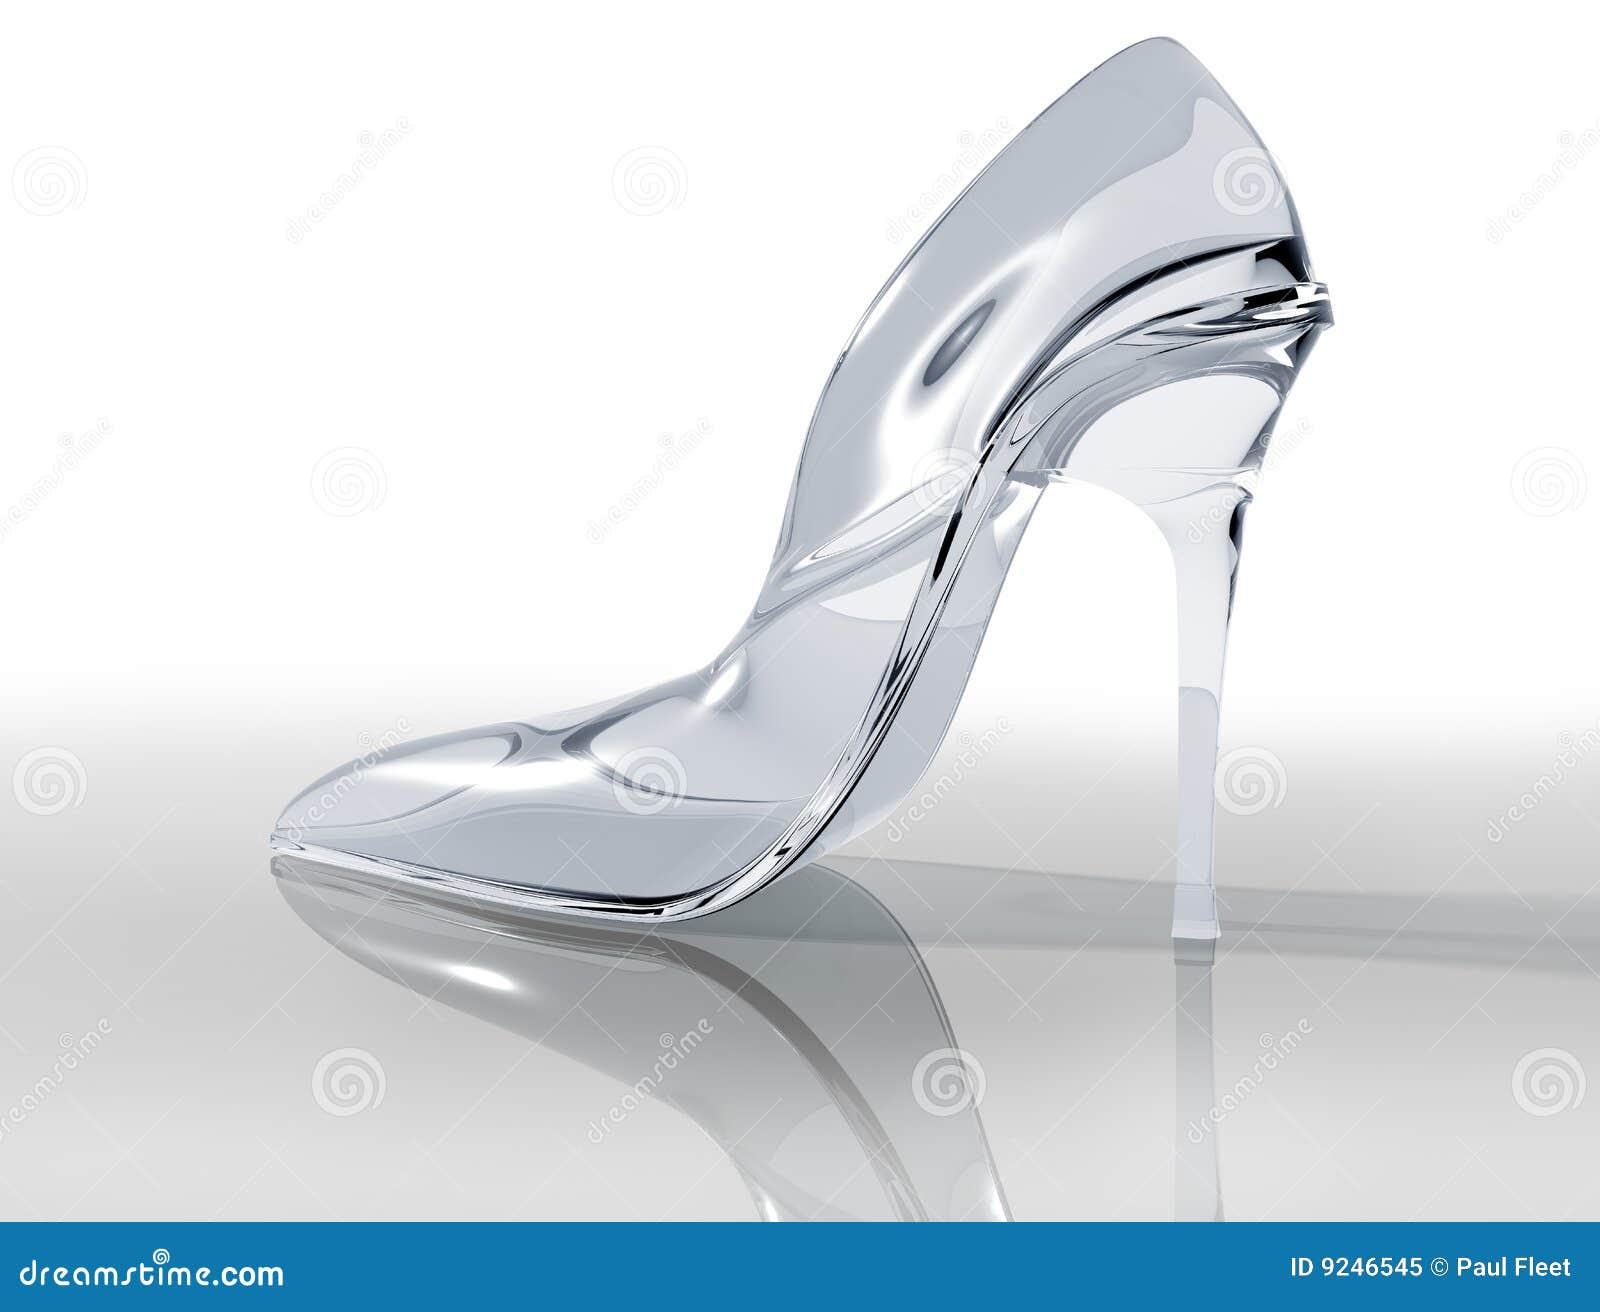 Glass Slipper Running Shoes